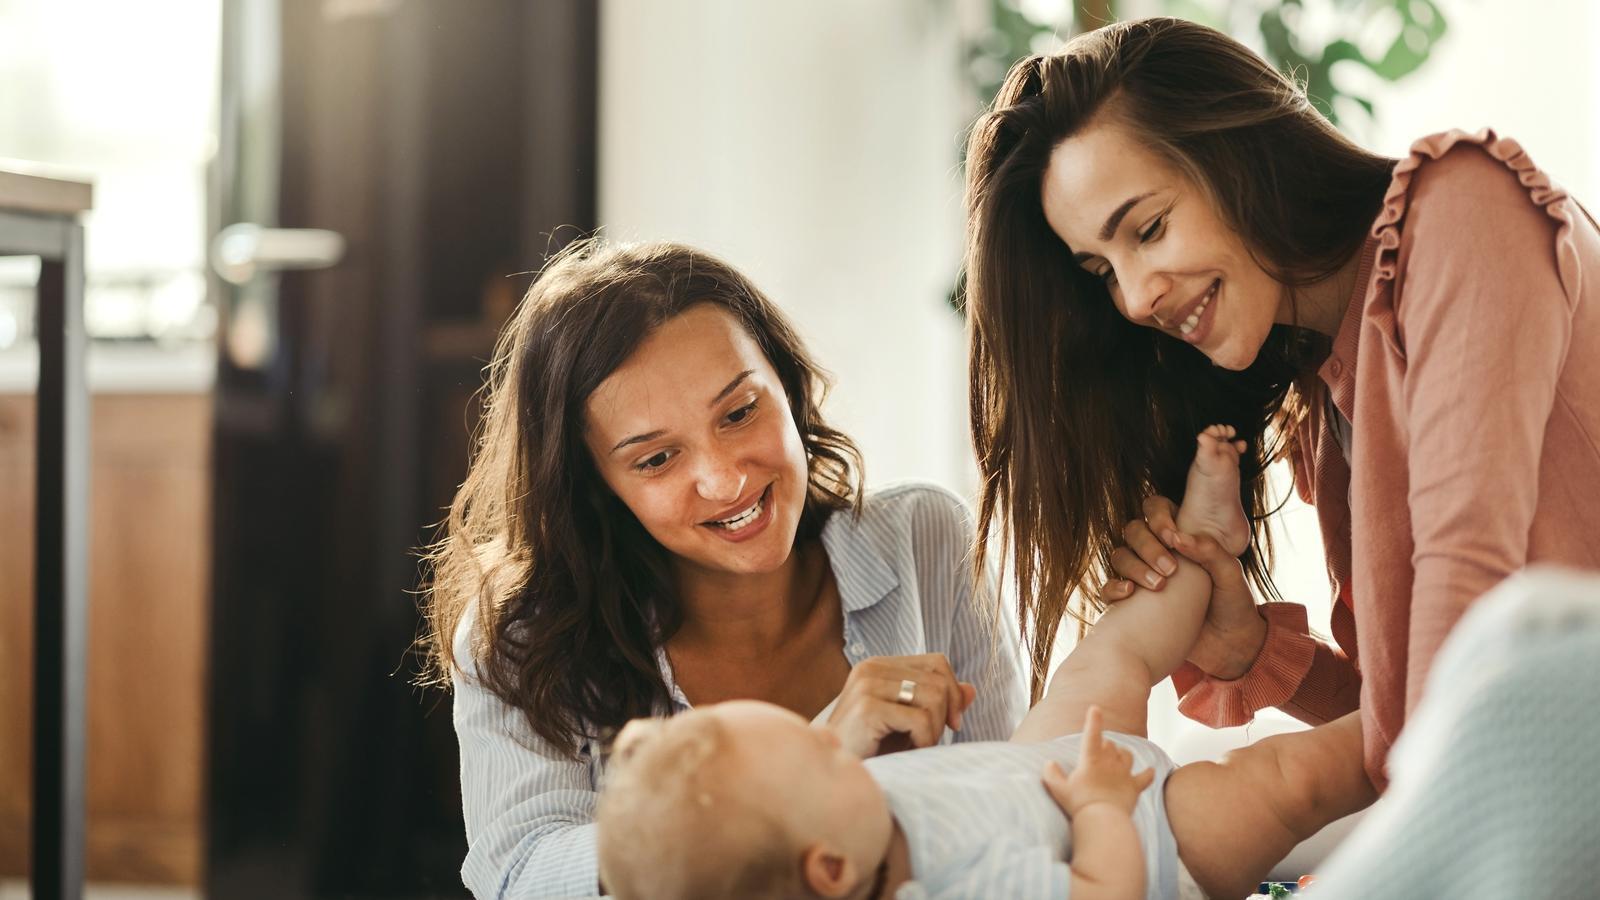 La bretxa de gènere es redueix abans en les parelles de mares lesbianes